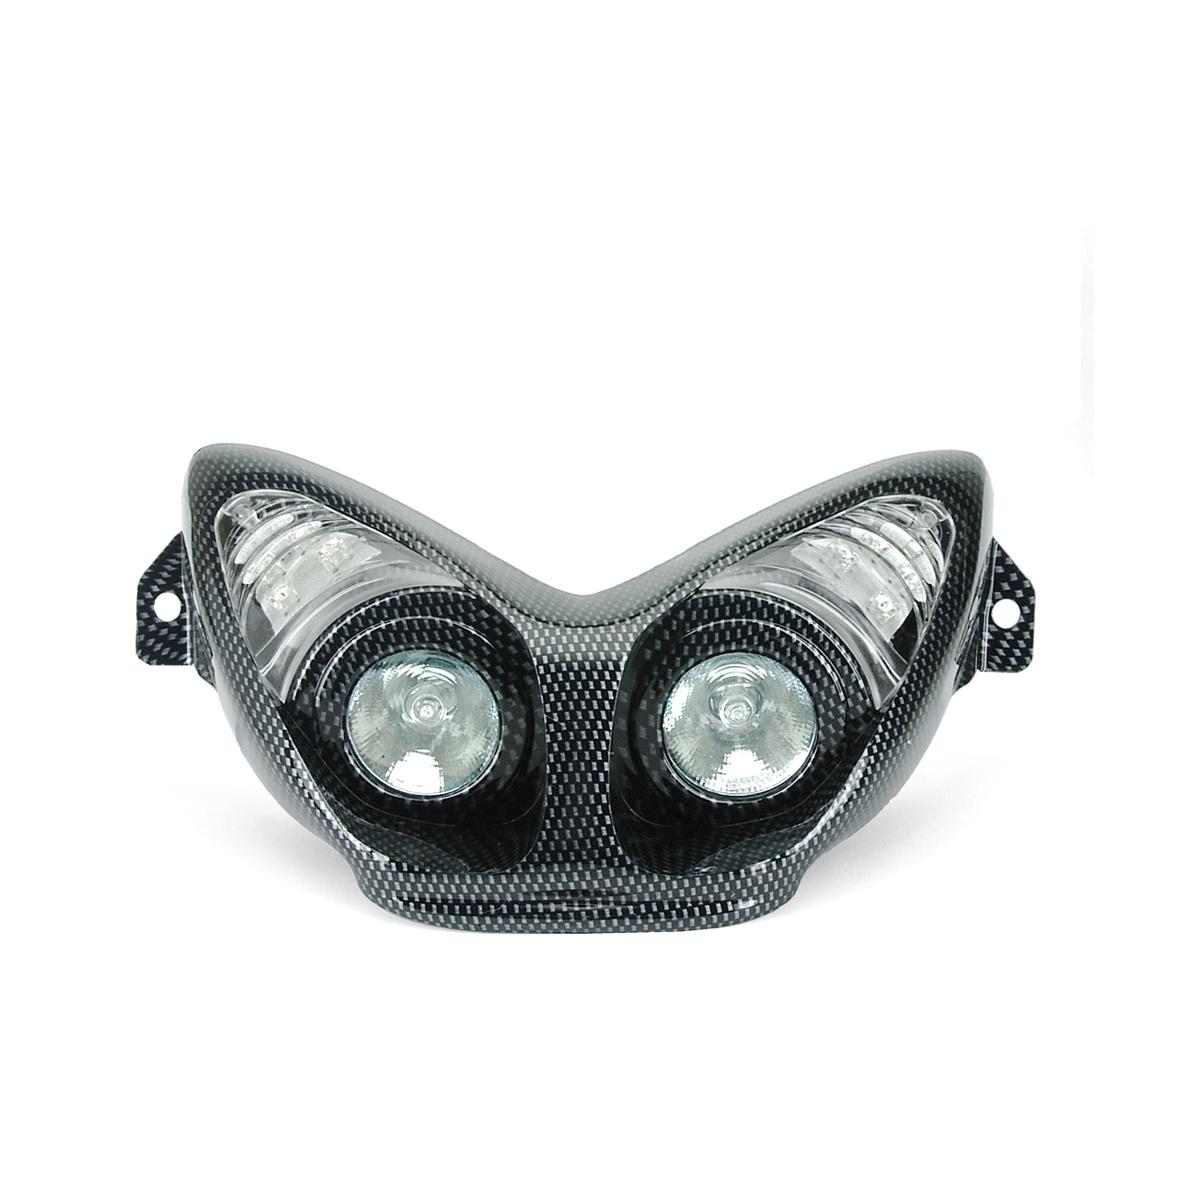 Masque Double Optique Halogènes + Clignotant Leds Nitro - Carbone